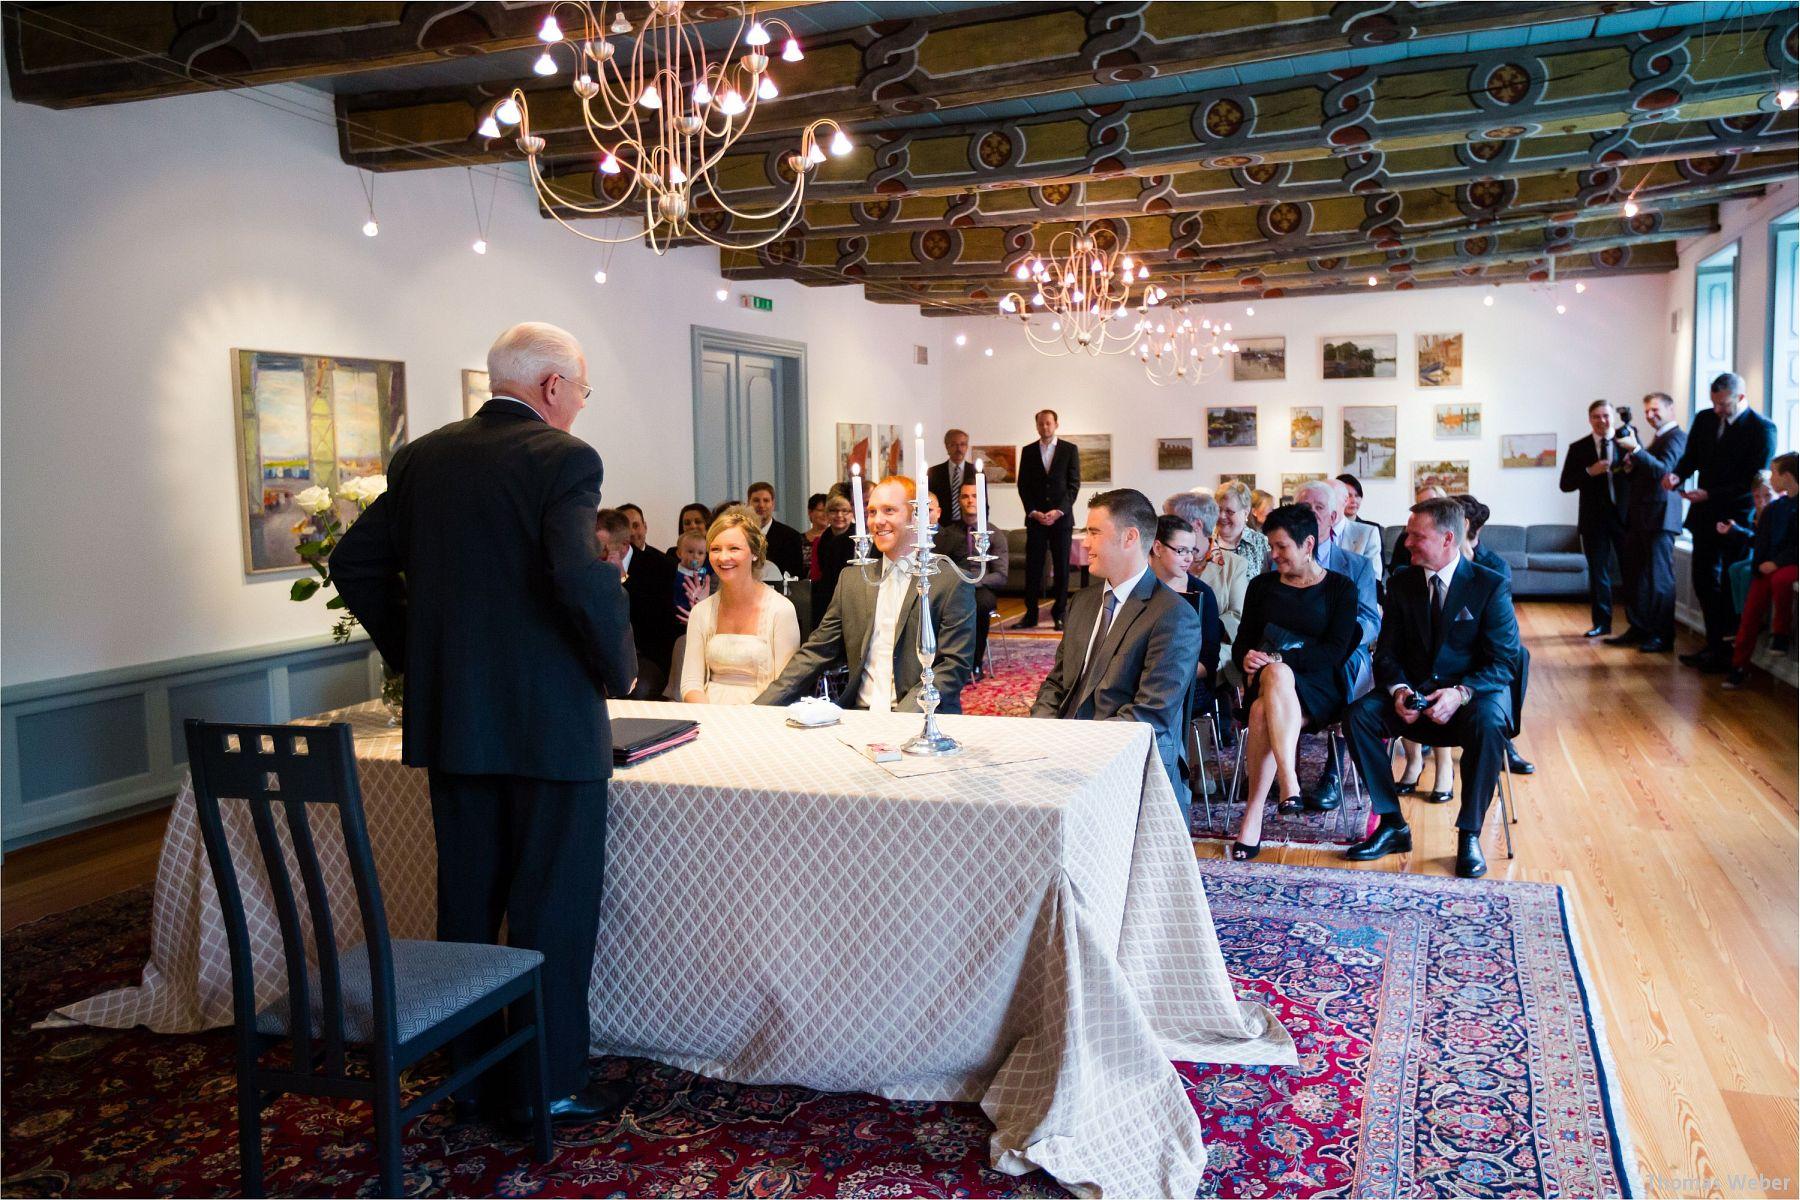 Hochzeitsfotograf Papenburg: Standesamtliche Trauung auf der Burg Kniphausen und Feier im Le Patron am Meer (4)